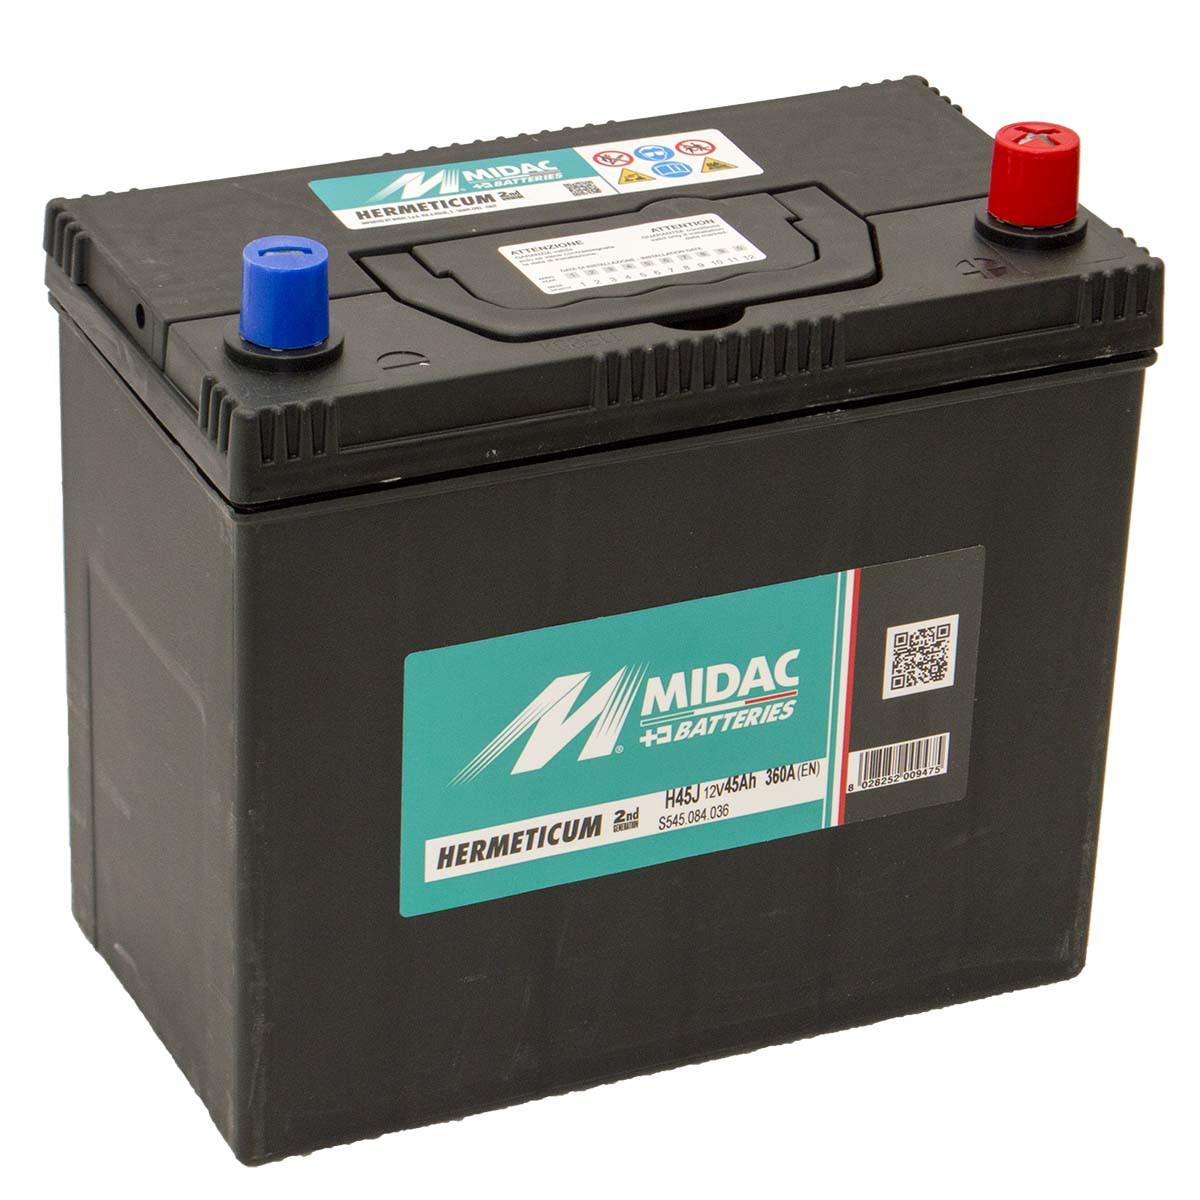 Аккумулятор 6СТ-45A MIDAC HERMETICUM Asia, 12V, 45Ah (-/+) евро, Мидак Герметикум азия, 12В, 45Ач, EN360А